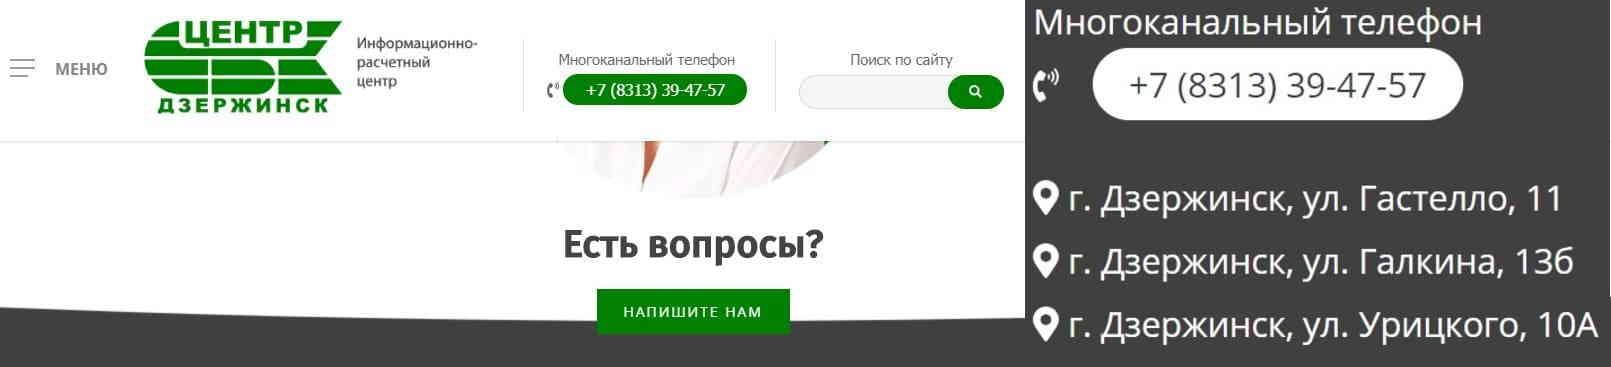 Центр СБК Дзержинск передать показания